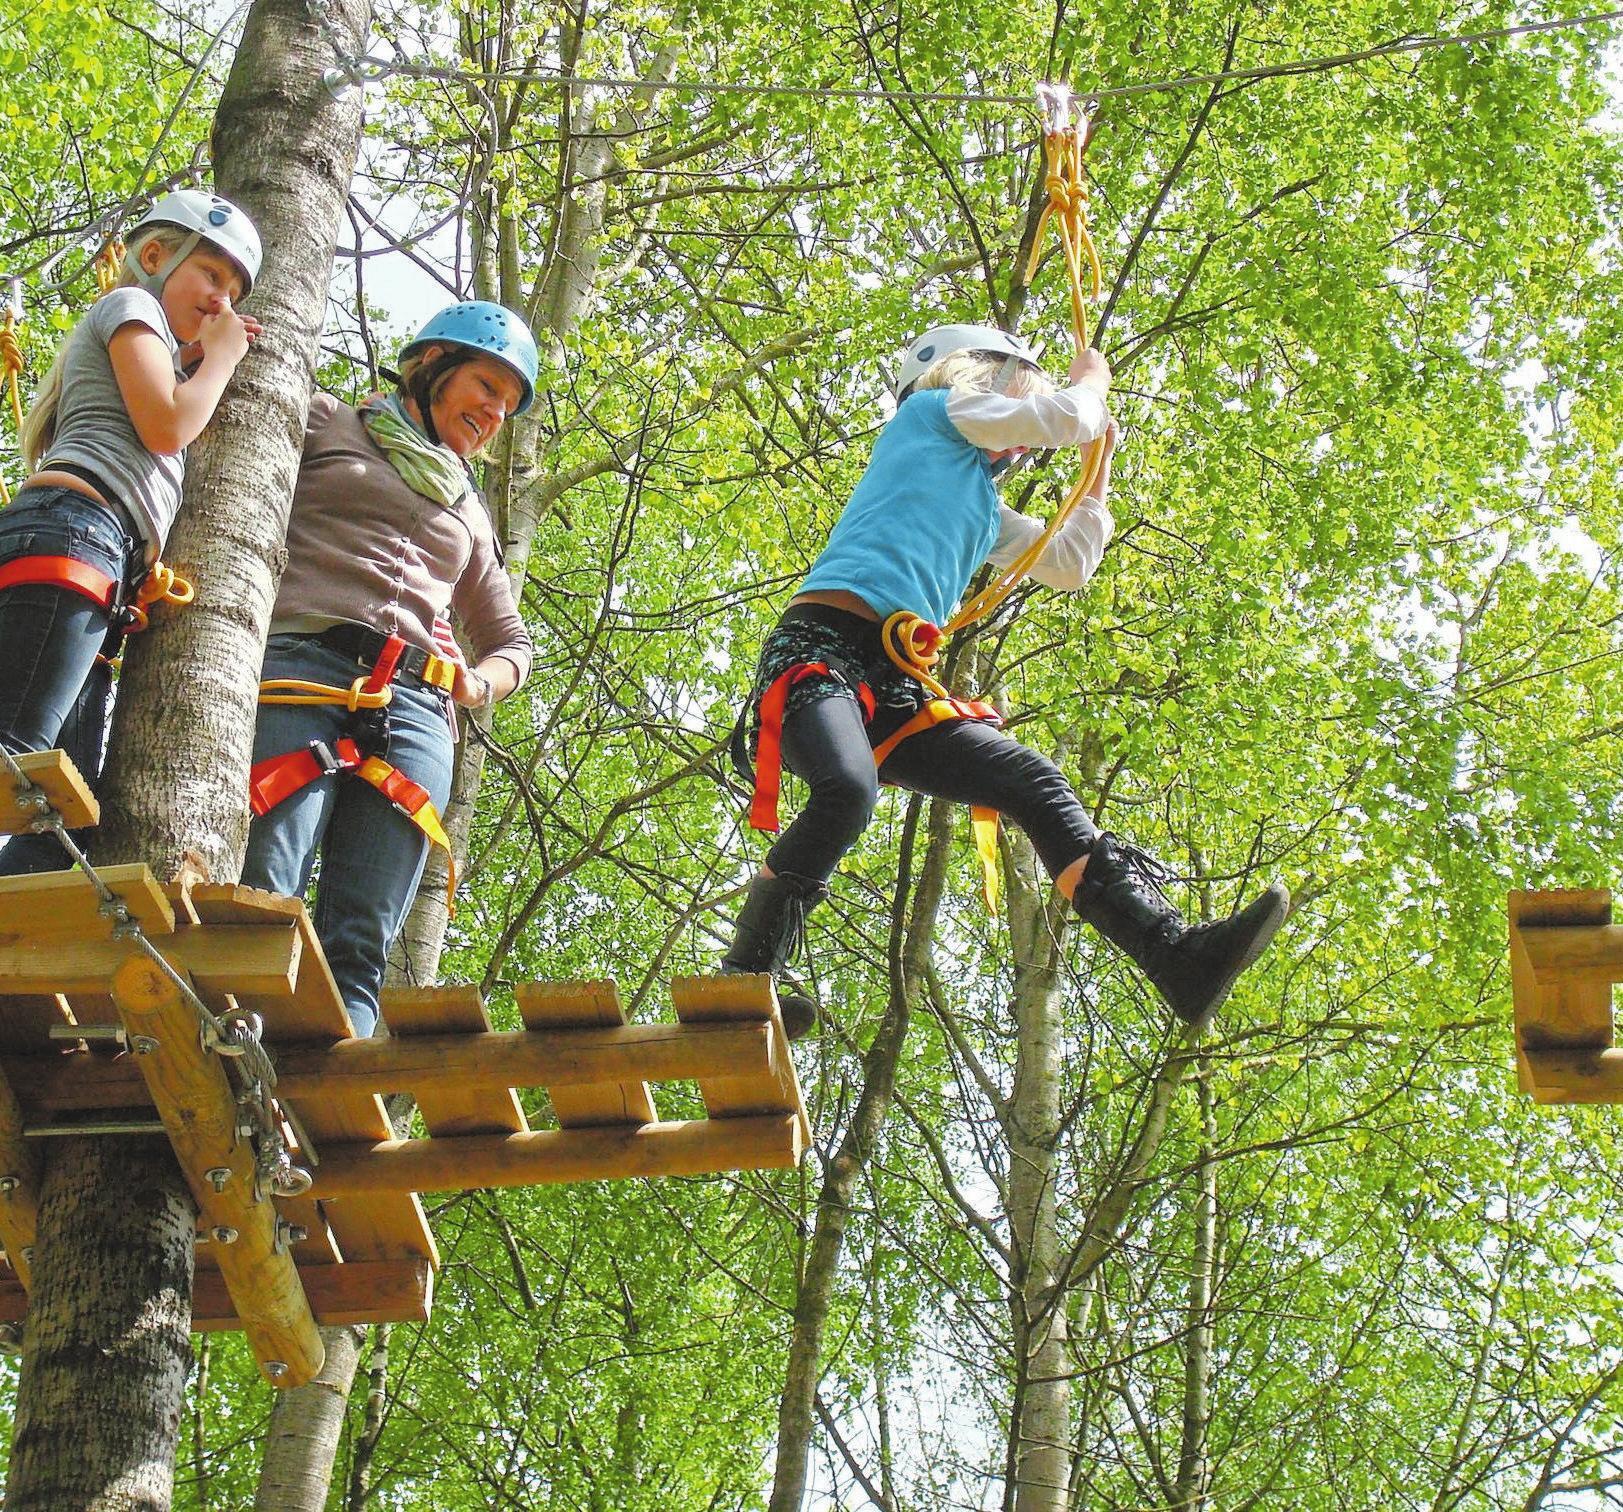 Spaß und Action kommen am Rande der Tour in die benachbarten Niederlande auch nicht zu kurz. Foto: Veranstalter